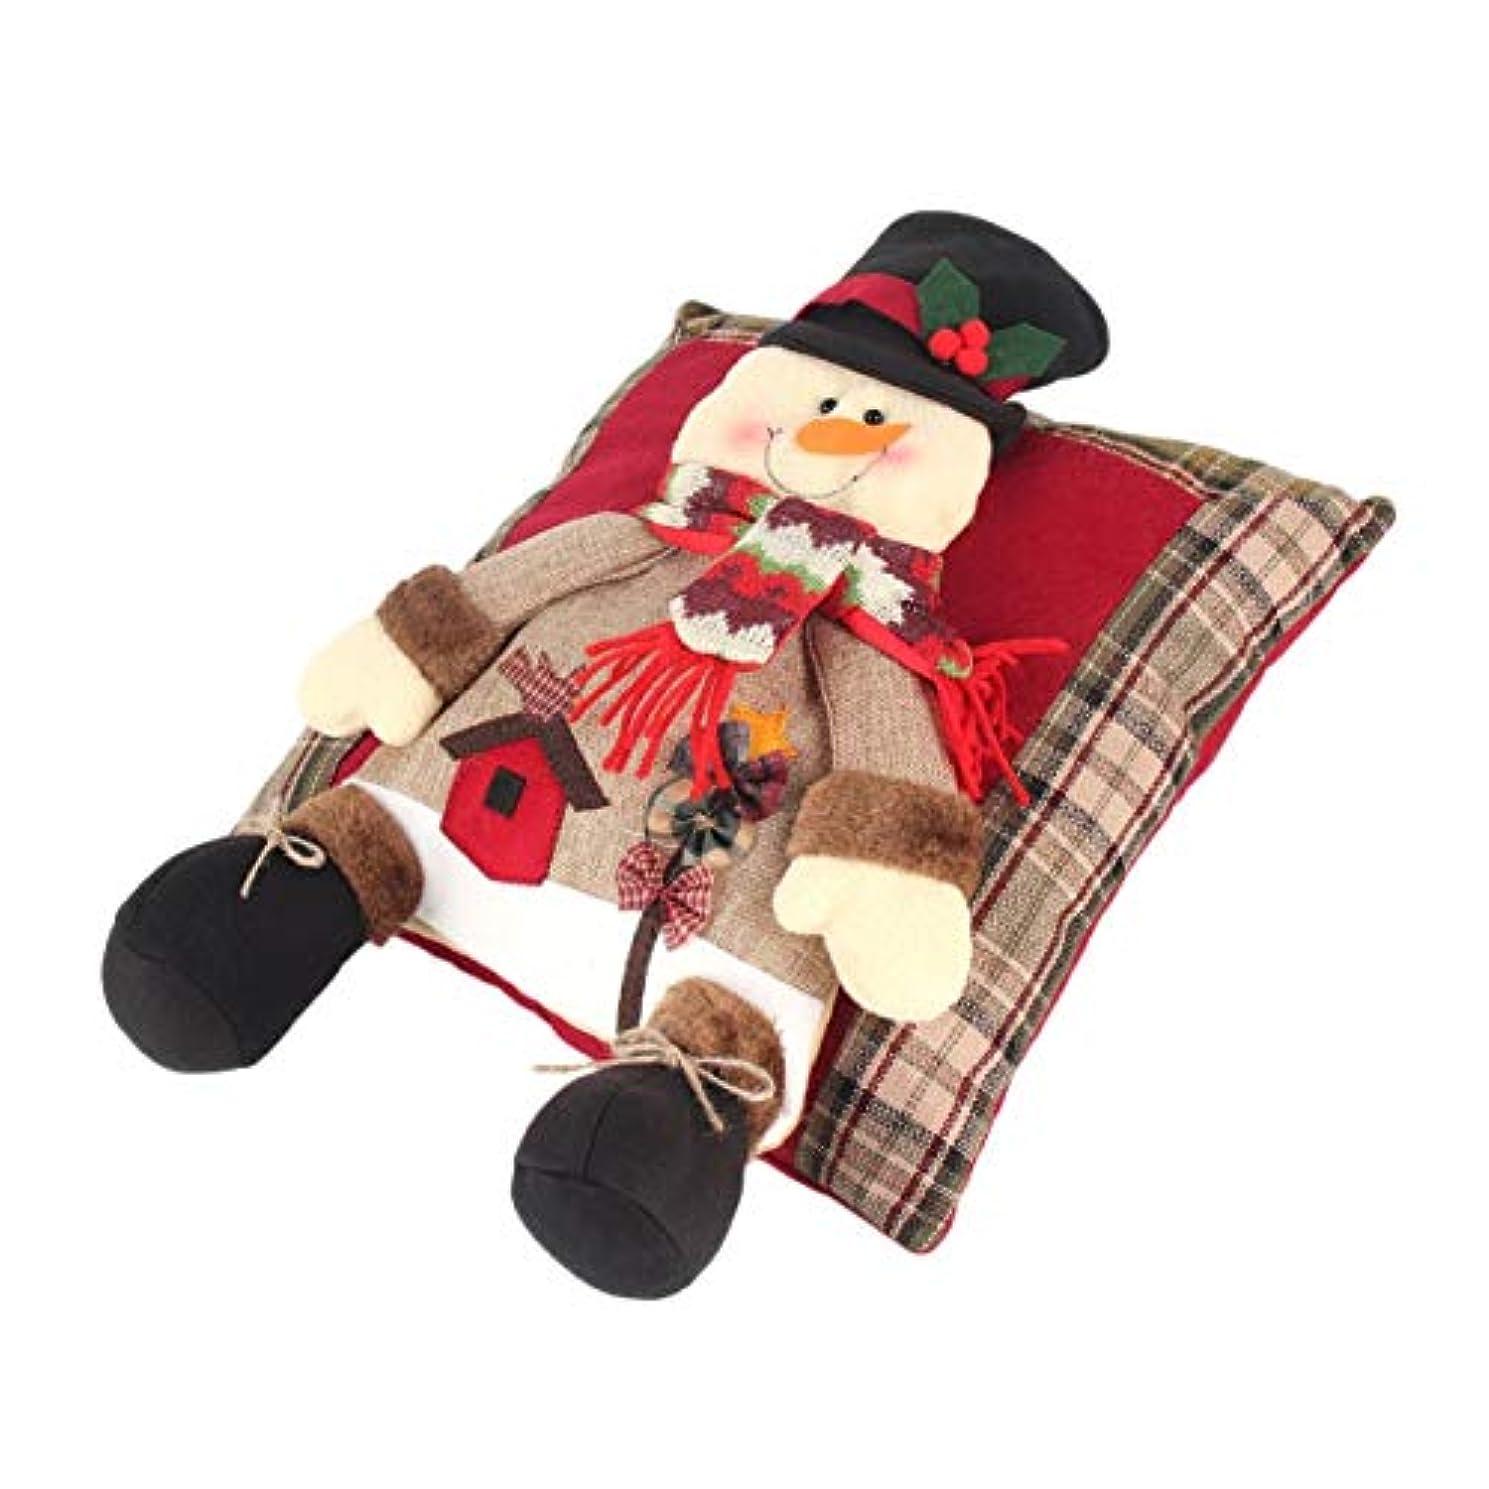 乱気流見込み束ねるSaikogoods 快適なクリスマスリネン枕フェスティバルソフトクッションホームベッドルームリビングルームのソファの装飾パーフェクトなギフト 多色